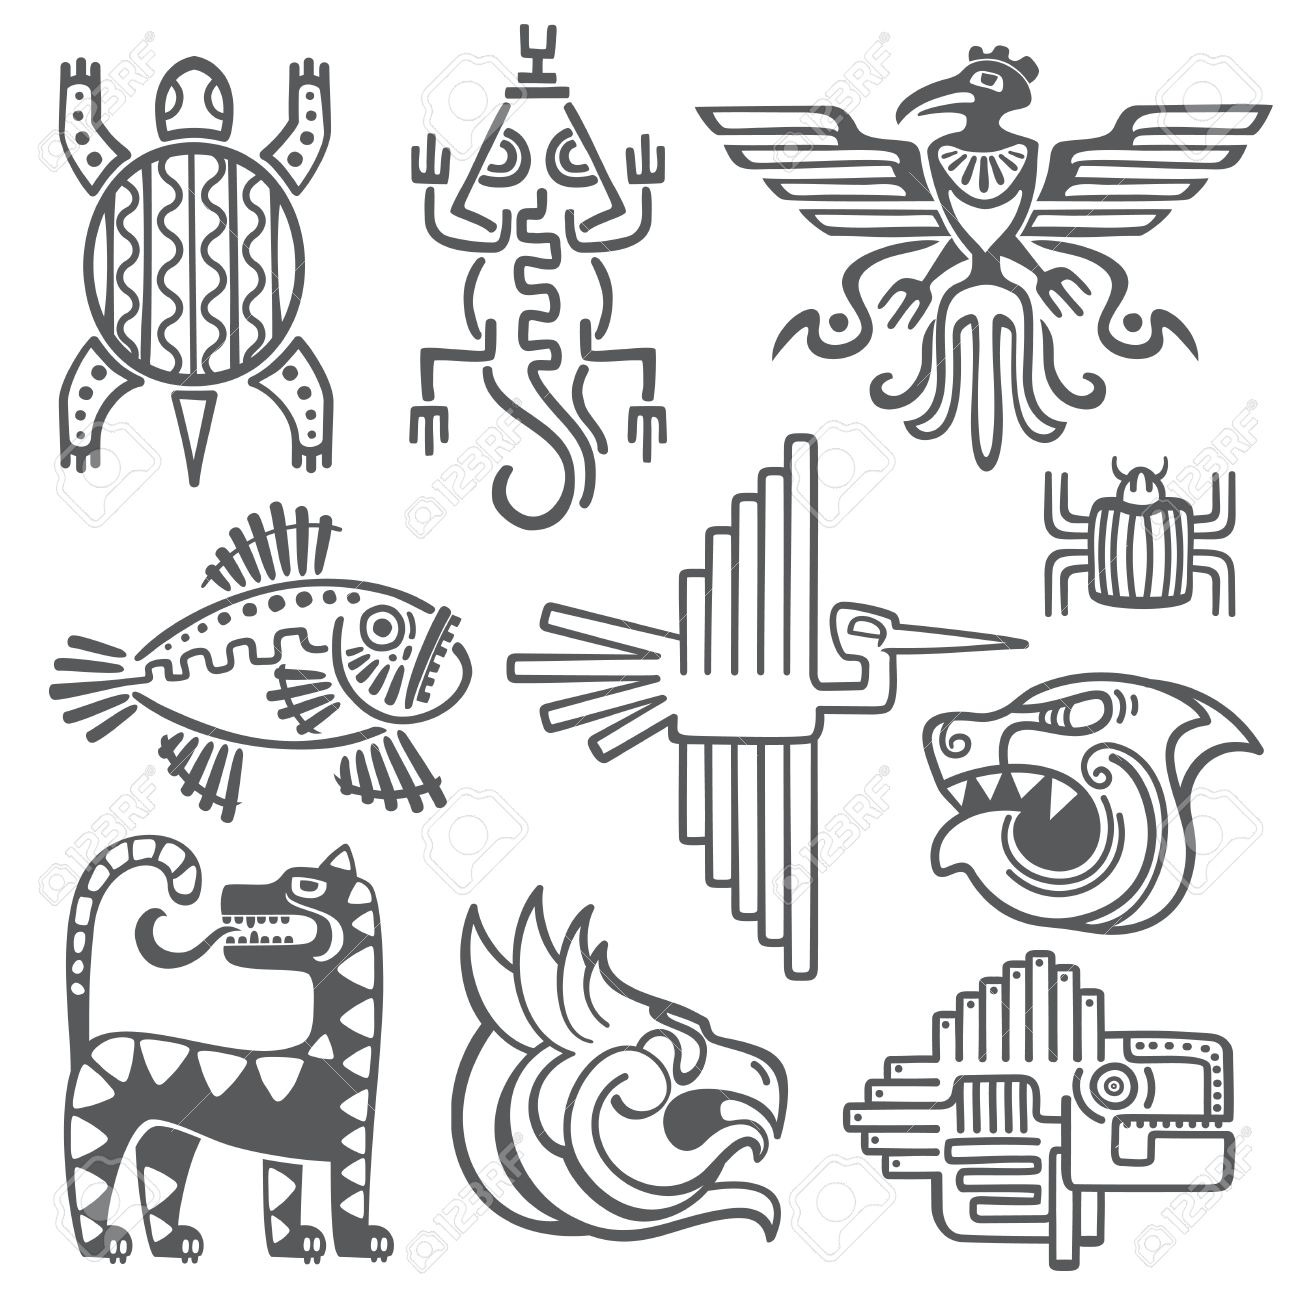 Aztec Historique Symboles De Vecteur Incas Motif Temple Maya Des Signes De La Culture Amerindienne Tatouage Anciennes Tribus Sous Forme De Resume Animaux Illustration Clip Art Libres De Droits Vecteurs Et